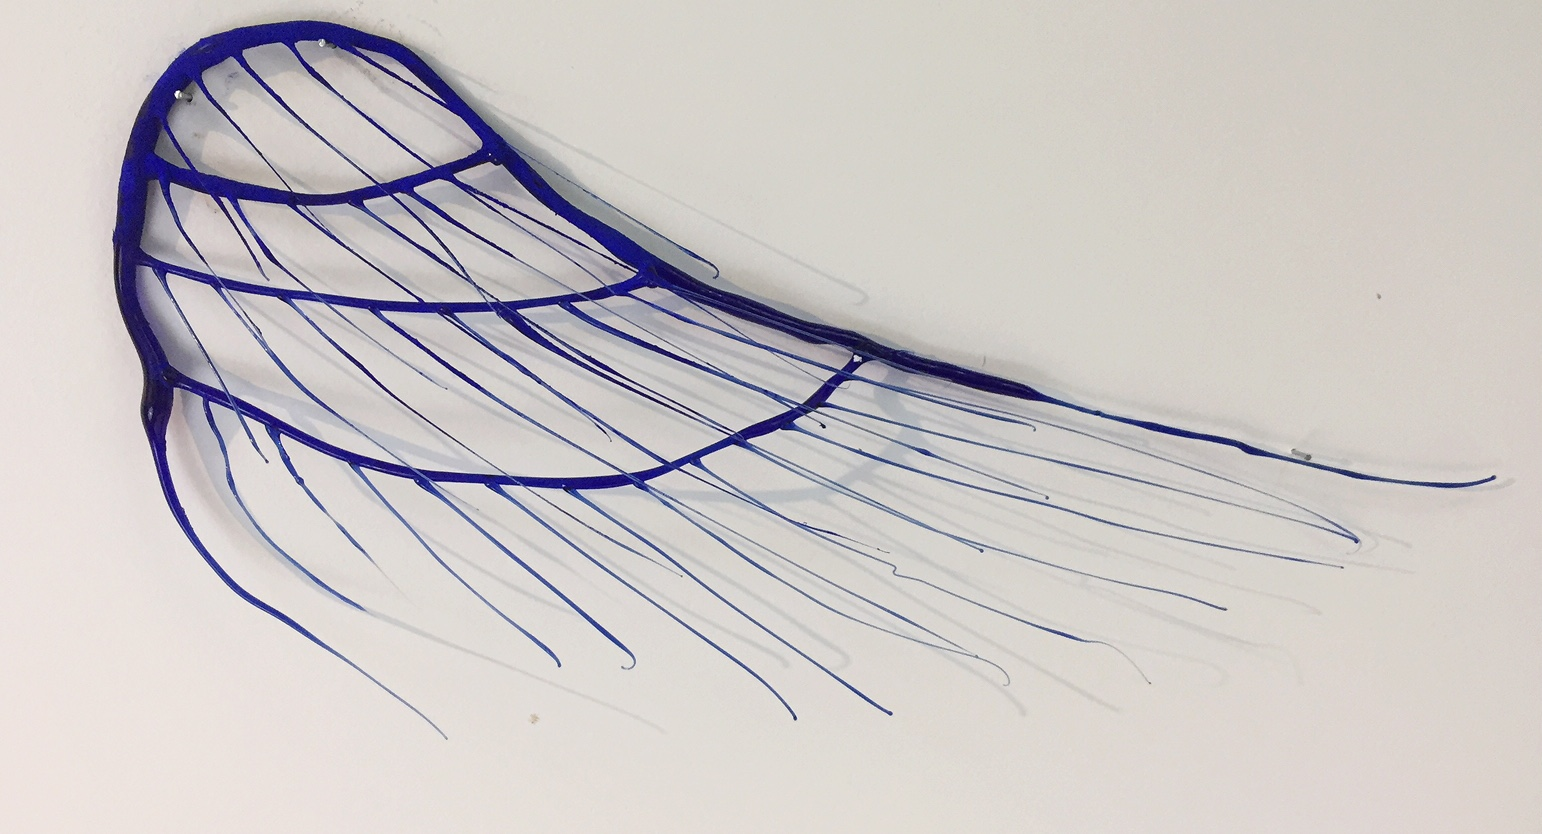 Winging